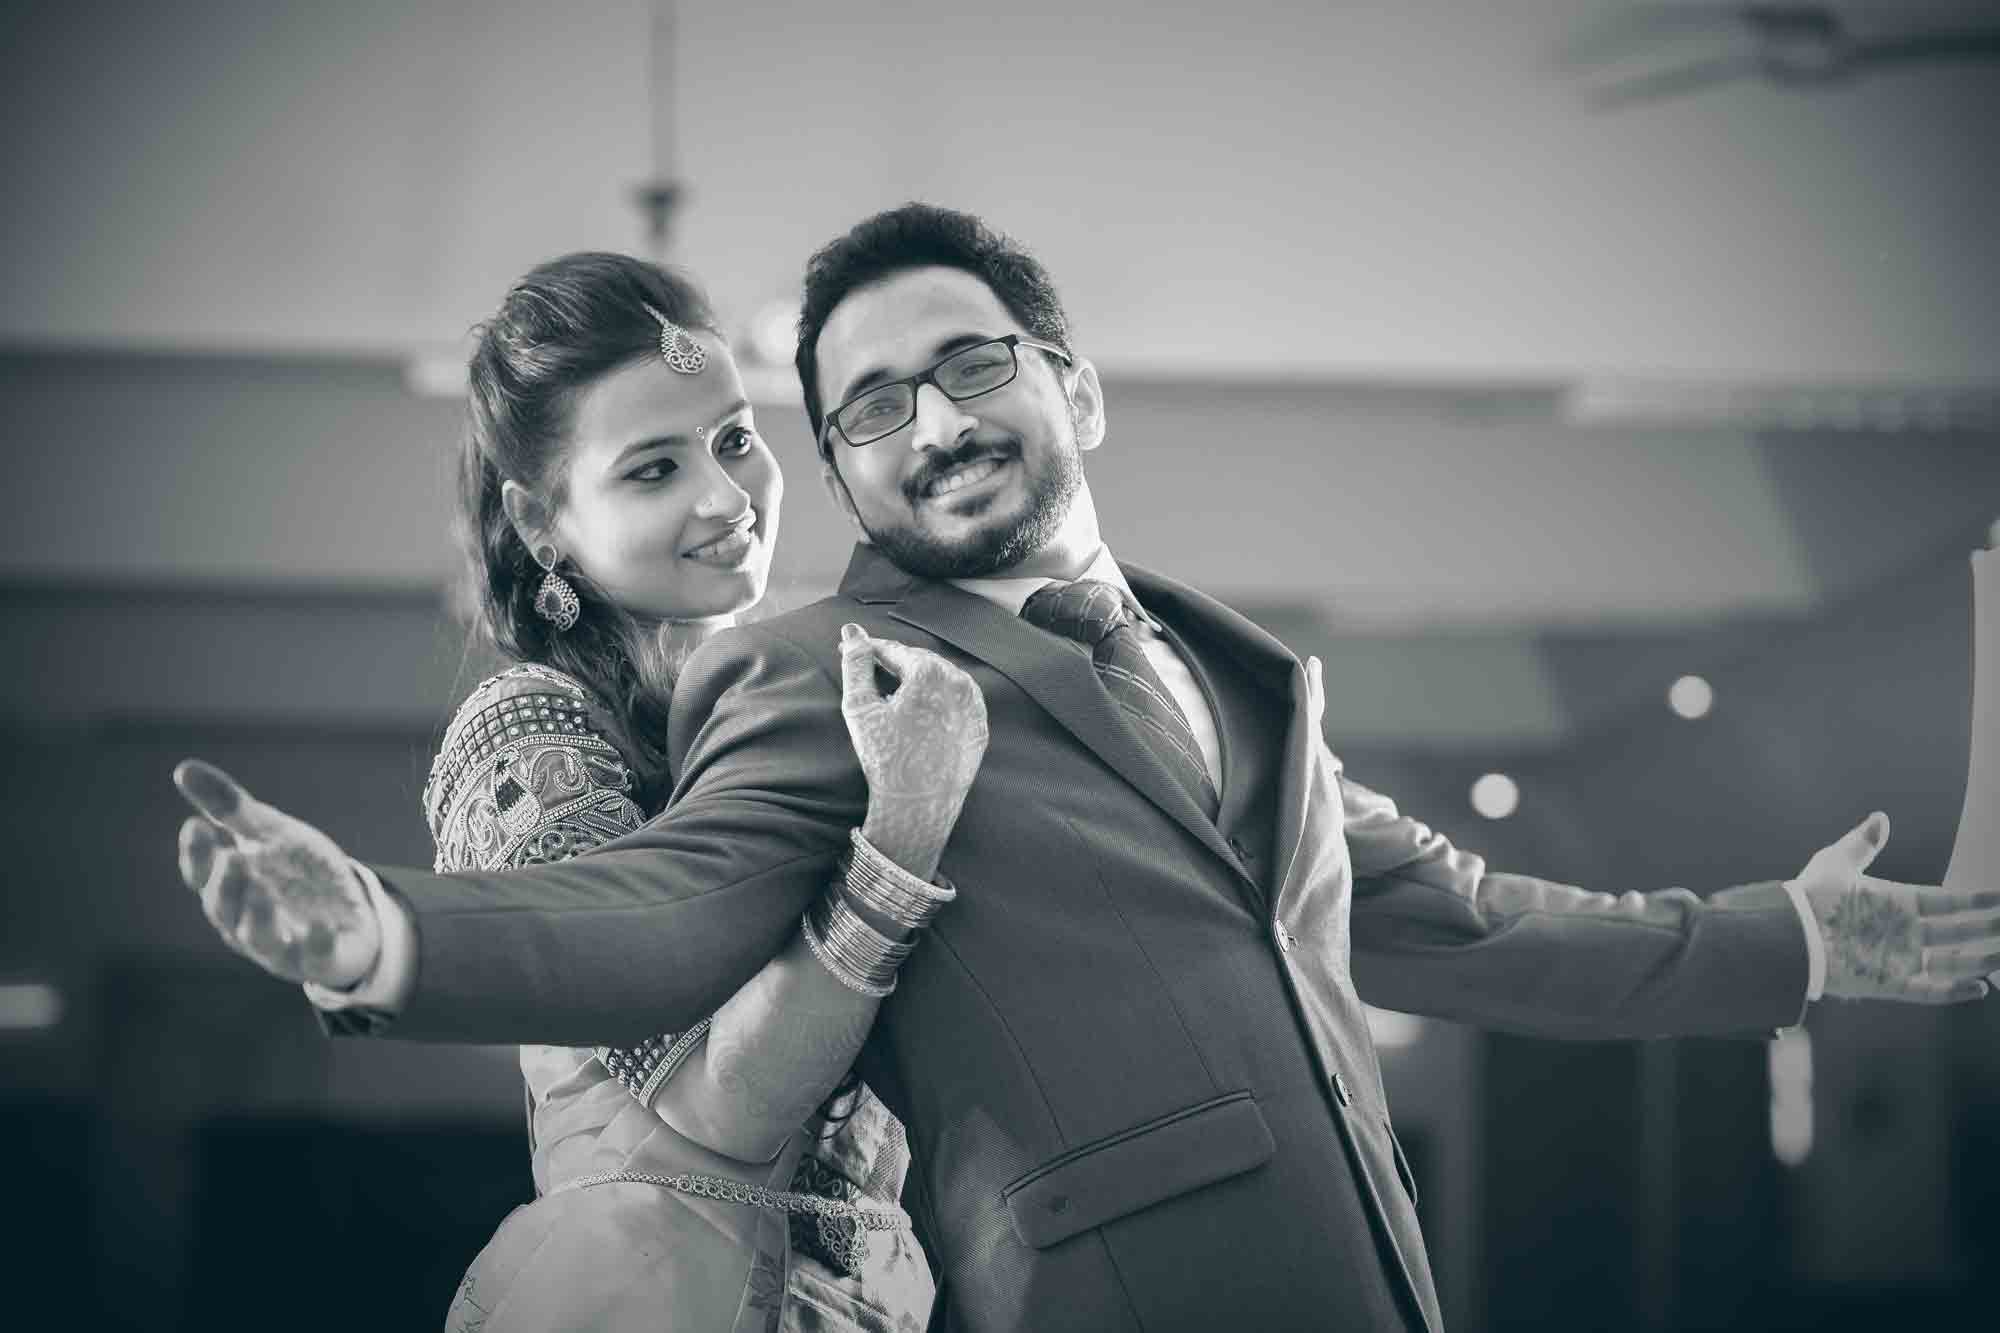 Vaibhav & Rajalakshmi